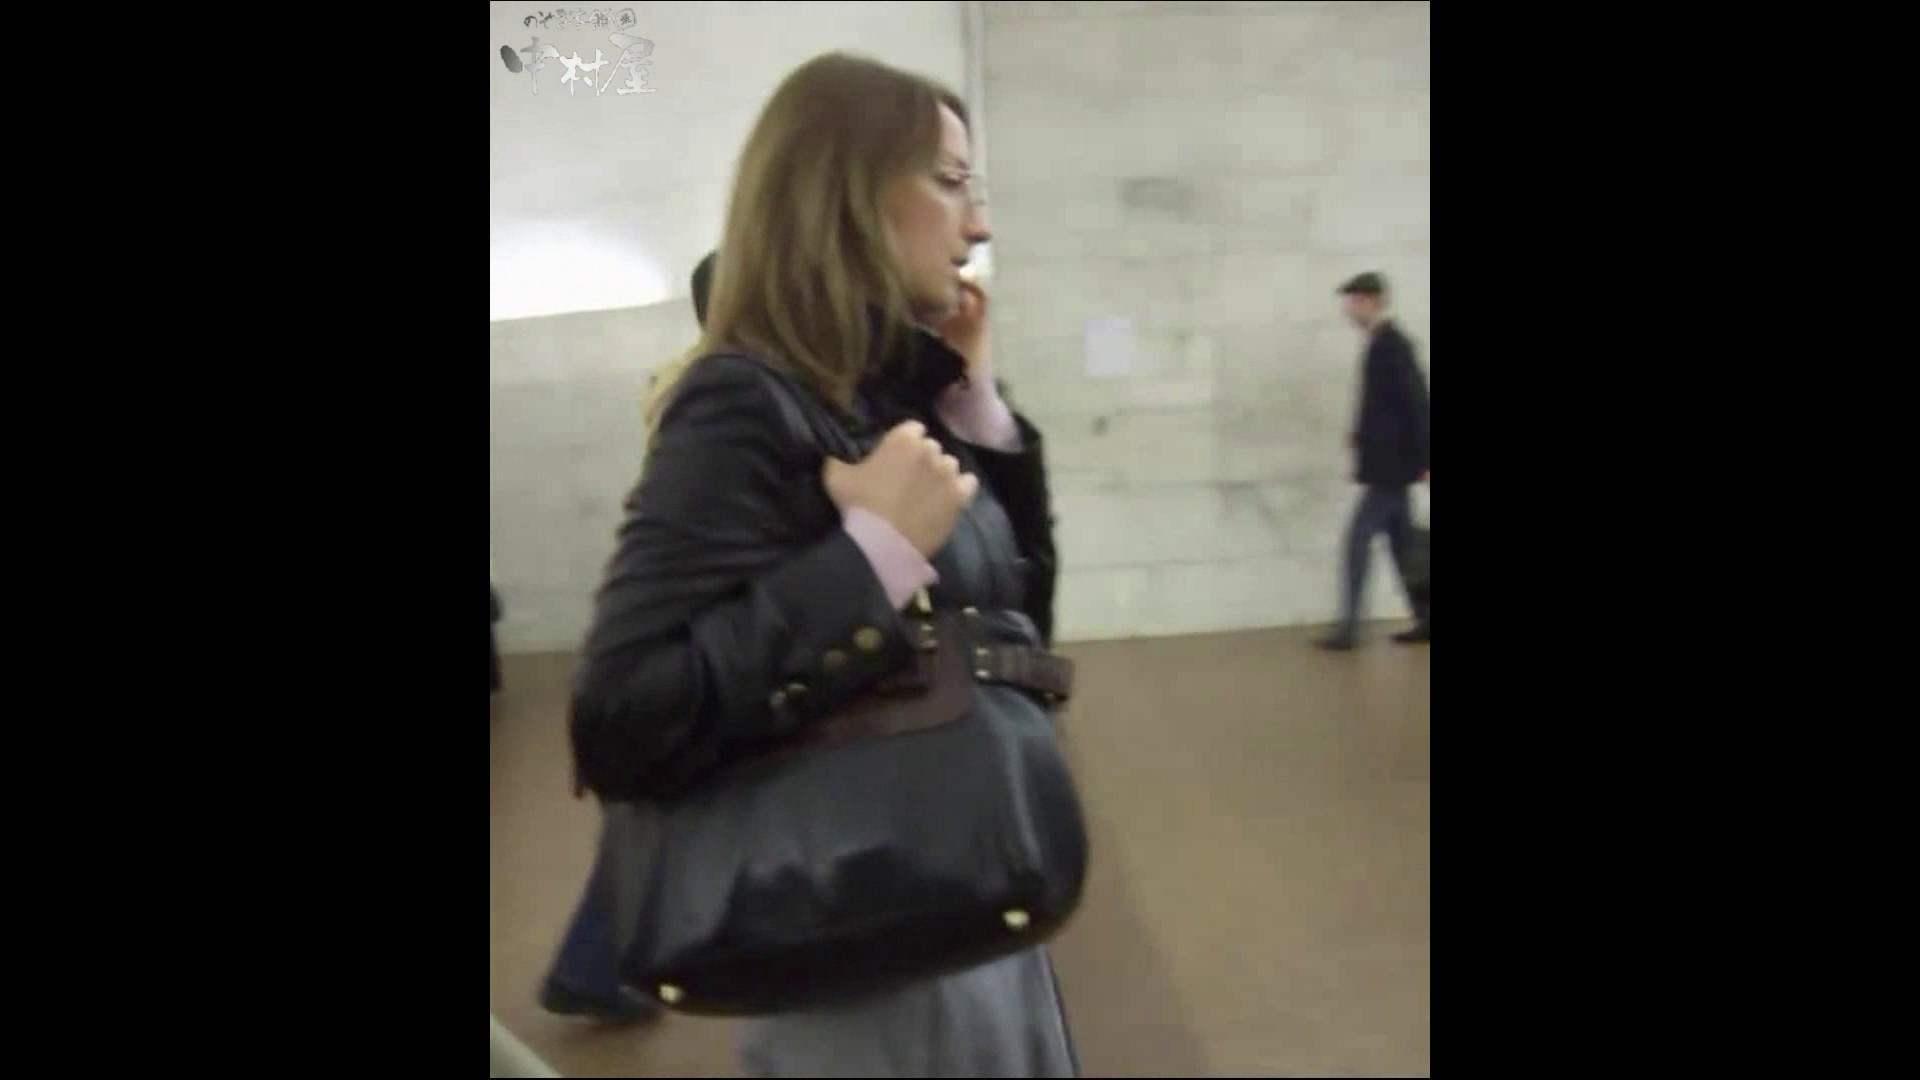 綺麗なモデルさんのスカート捲っちゃおう‼ vol19 お姉さんのエロ動画  110PIX 10